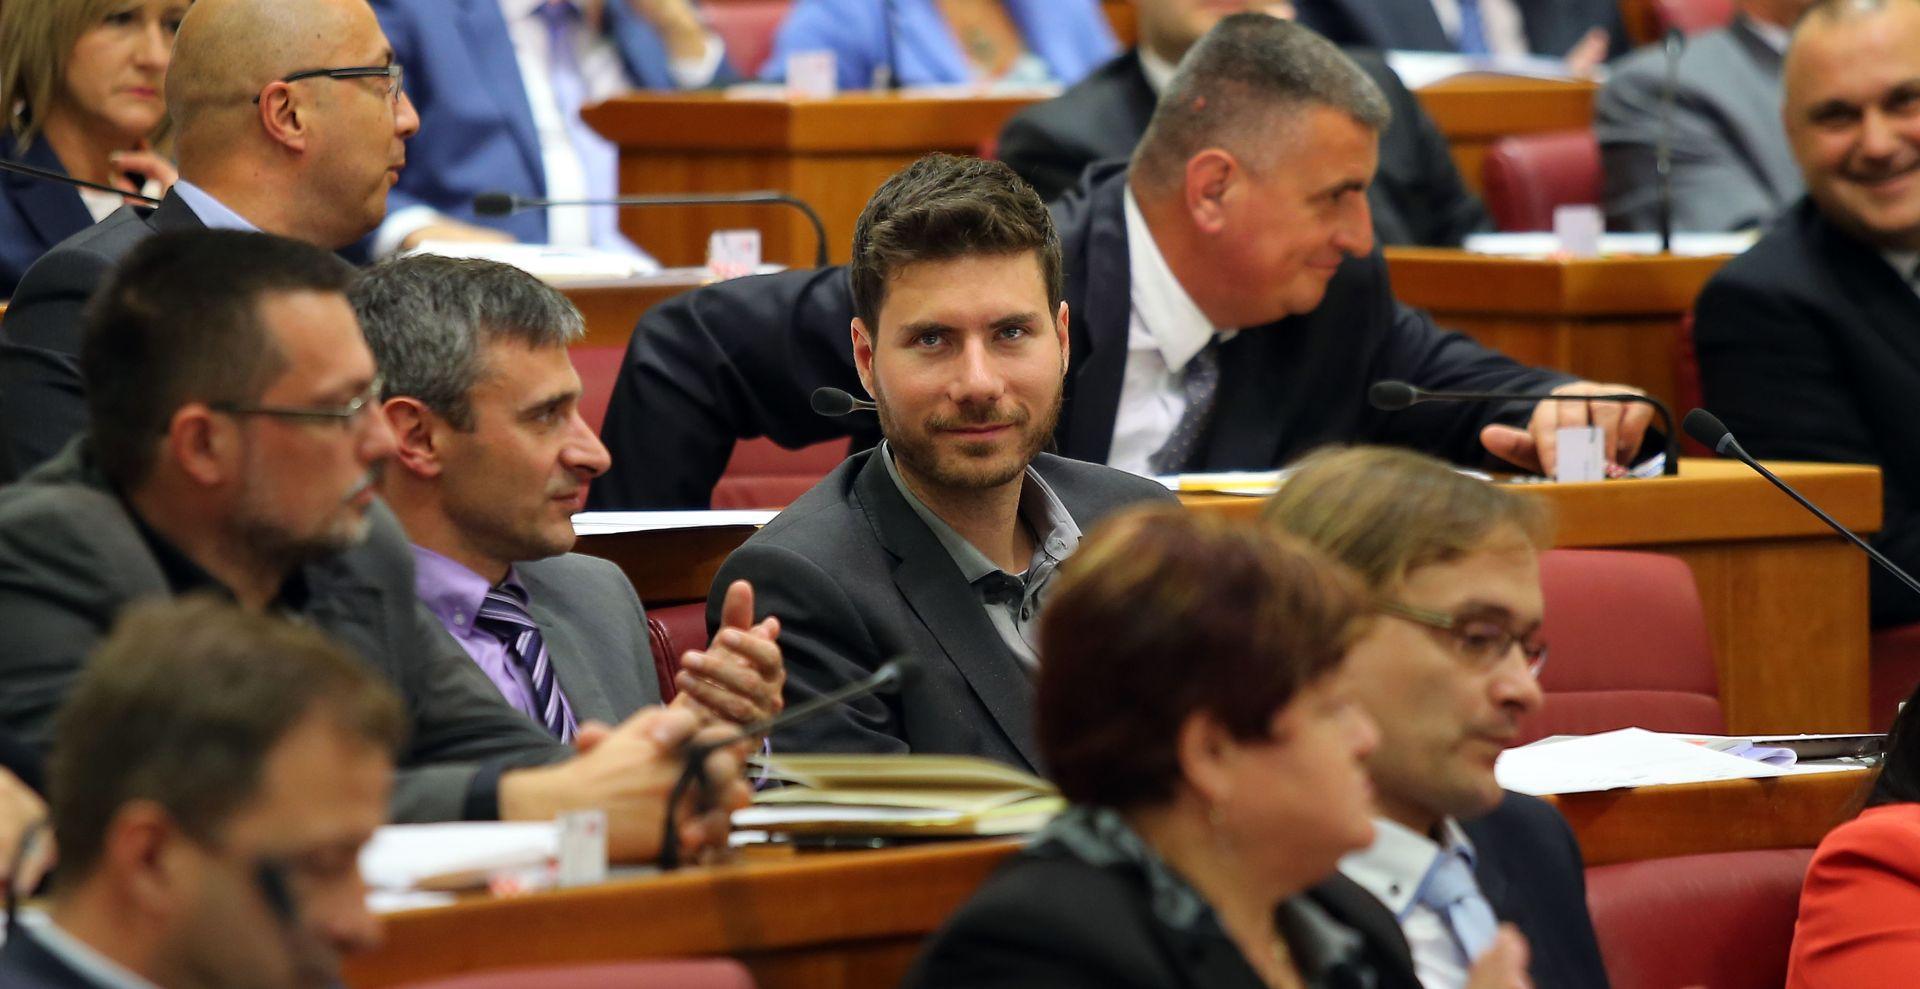 """IVAN PERNAR """"Petrov je licemjer, ovo je cirkus u kojem je dozvoljeno sve osim kritike vlasti"""""""